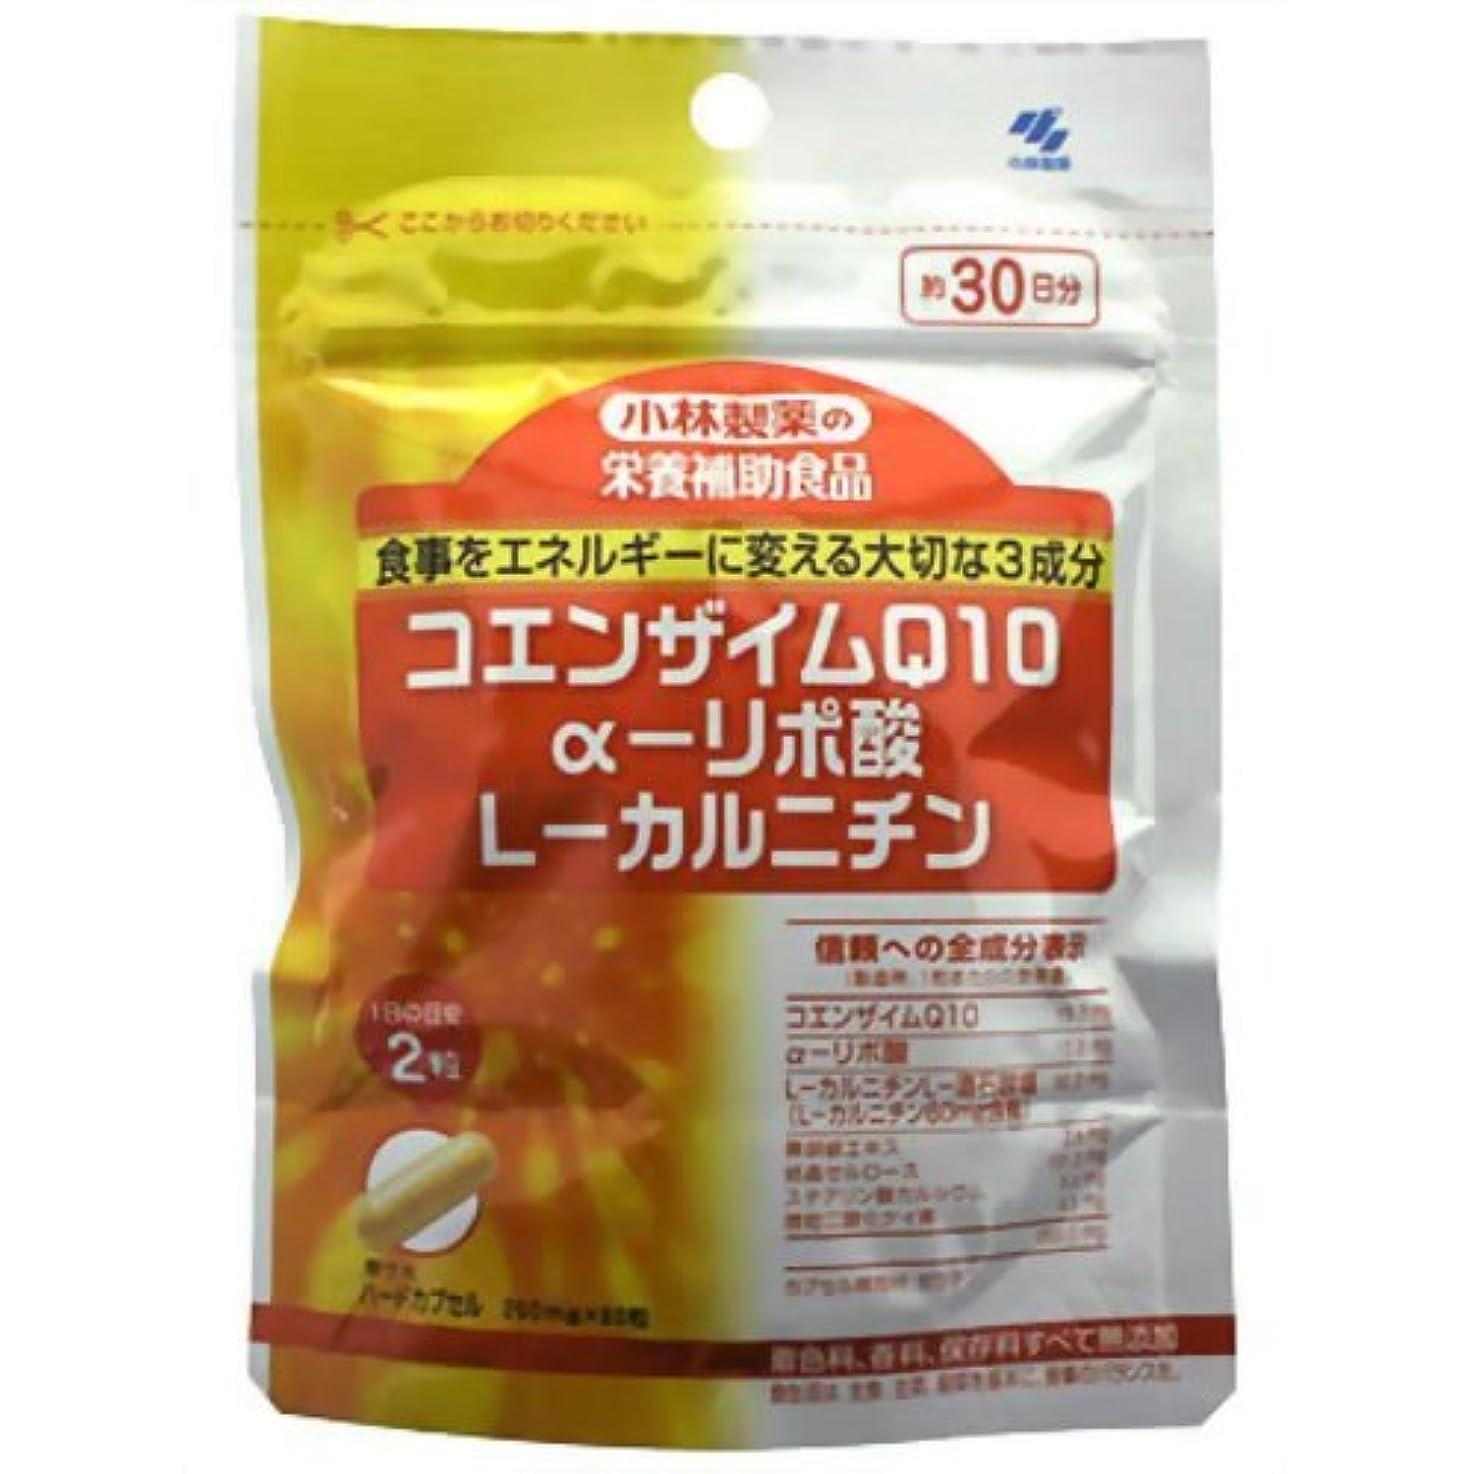 ほとんどない癒す展開する小林製薬の栄養補助食品 CoQ10+αリポ酸+Lカルニチン 60粒